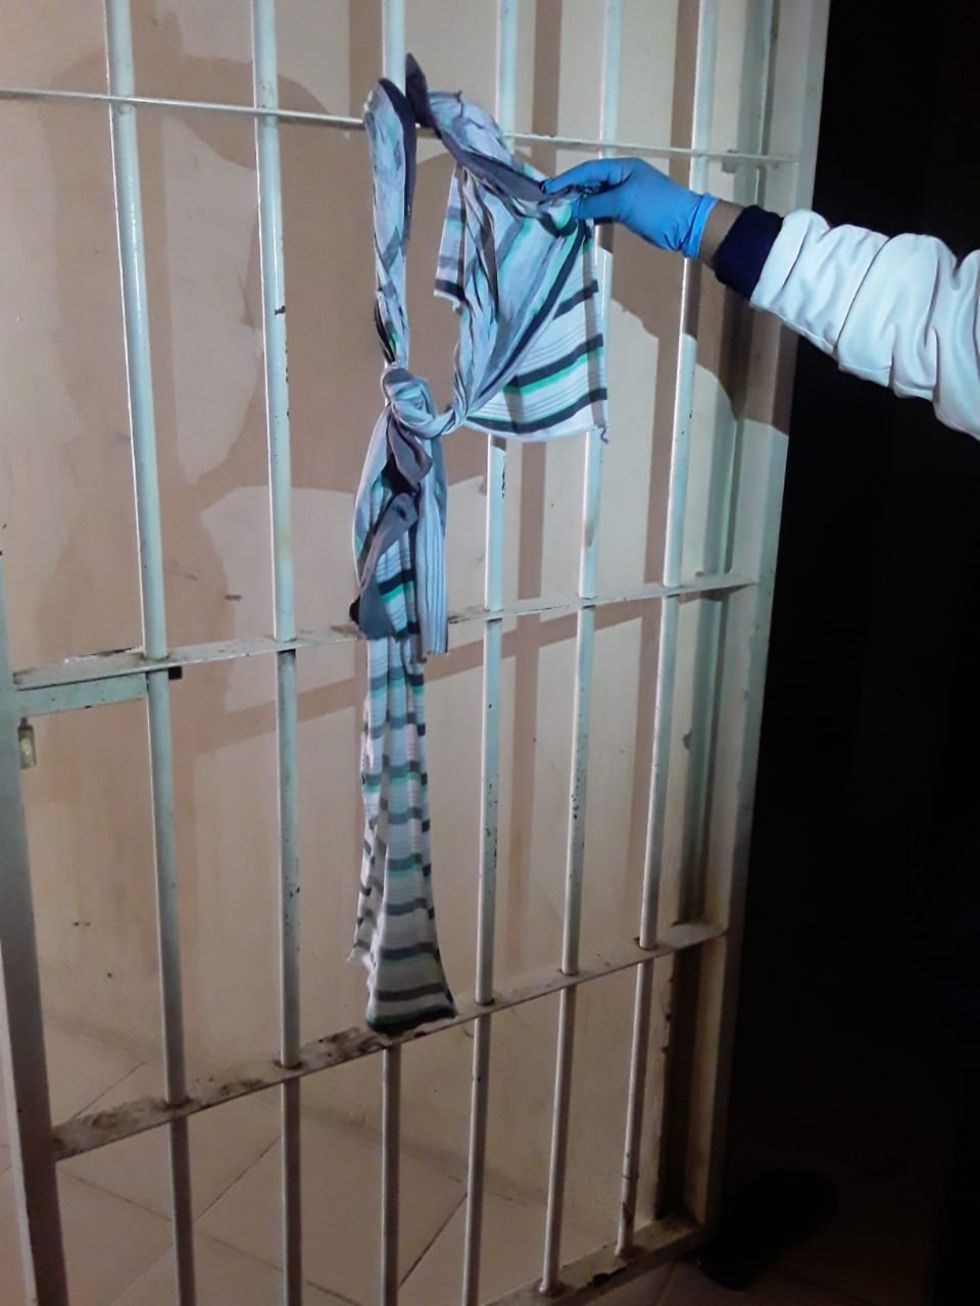 Interno se suicida en una celda del penal de Villazón